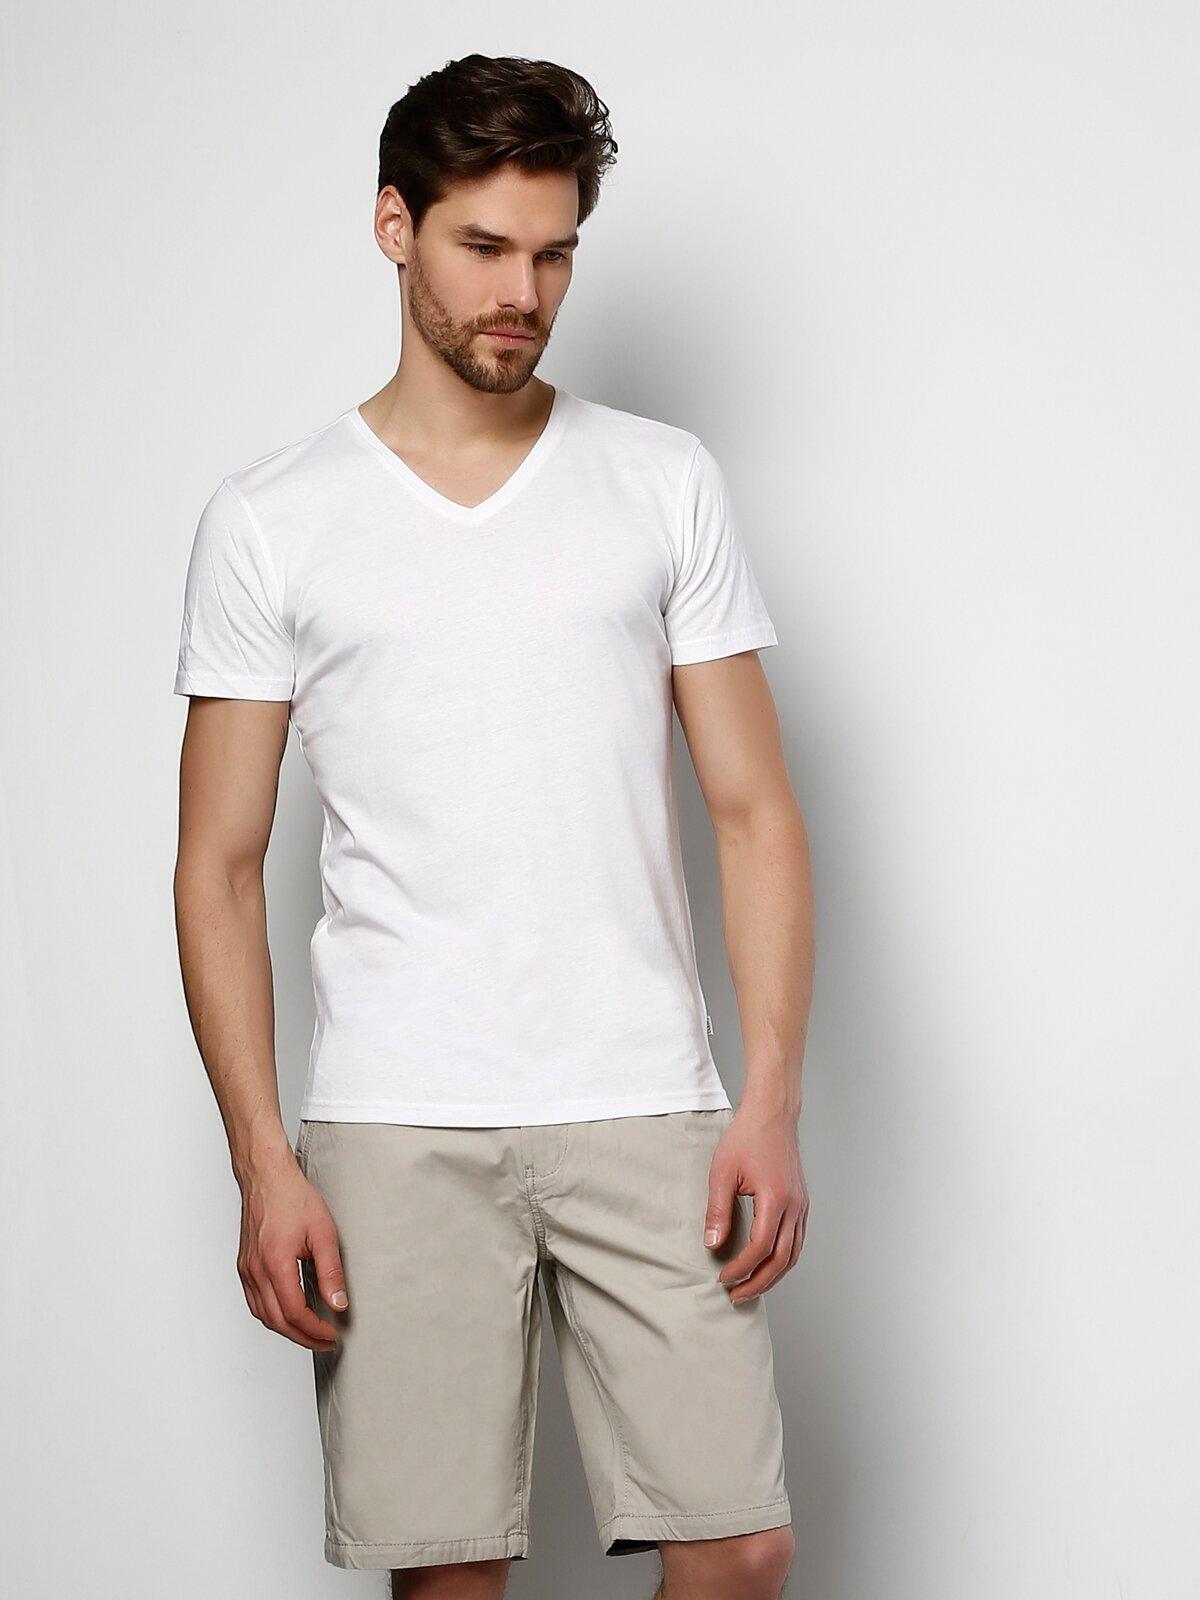 Beyaz V Yaka Kısa Kol Tişört